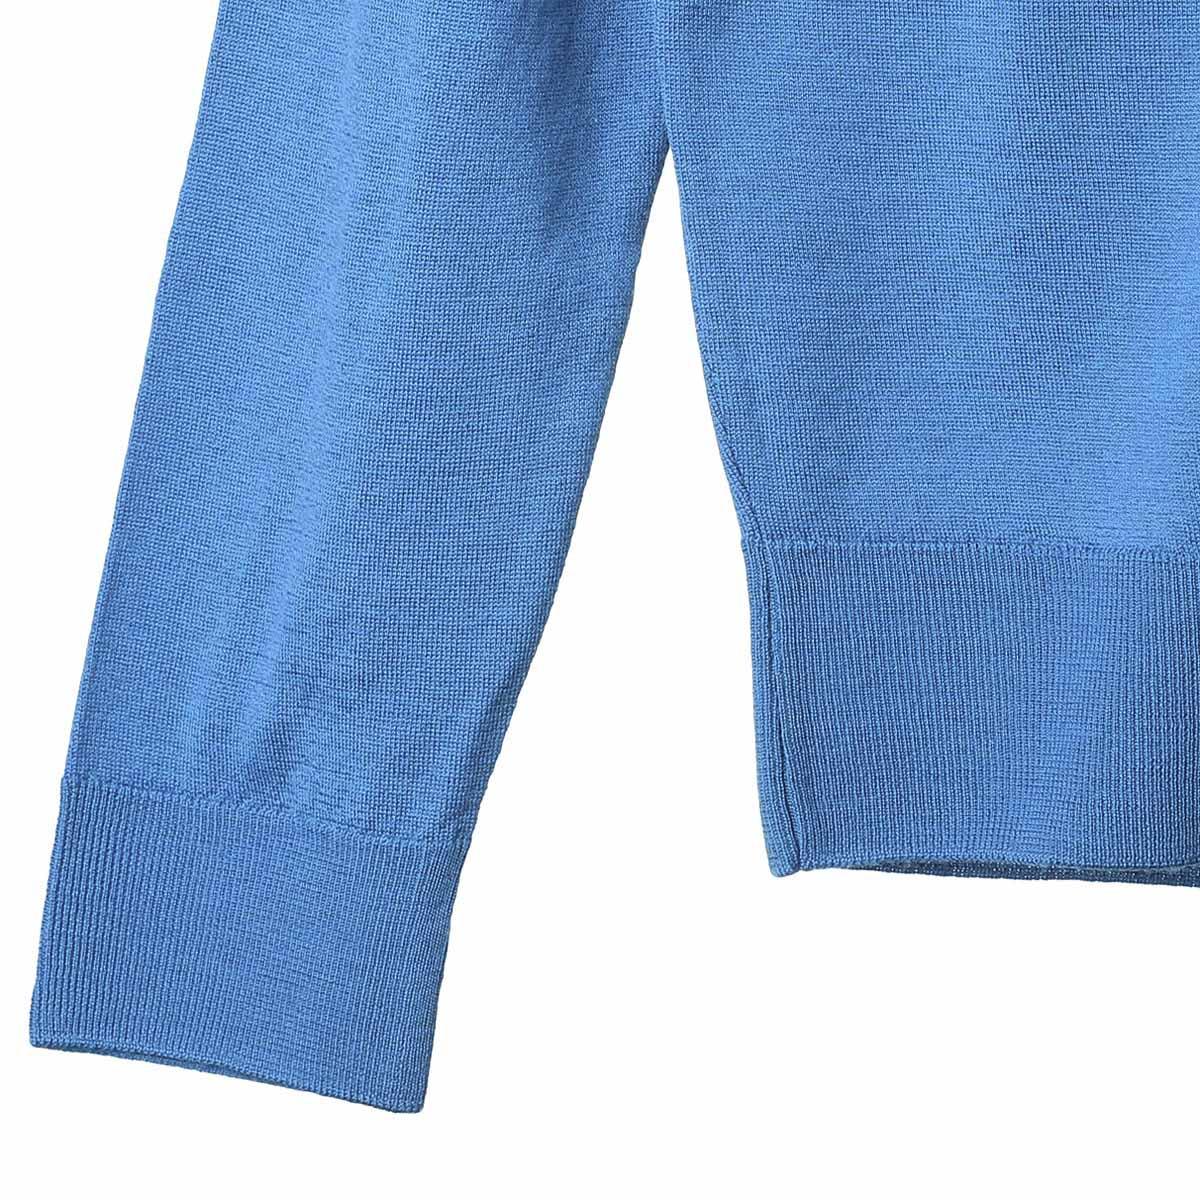 【タイムセール TOPS】JOHN SMEDLEY ジョンスメドレー カーディガン/PETWORTH ペットワース 30ゲージ メンズ